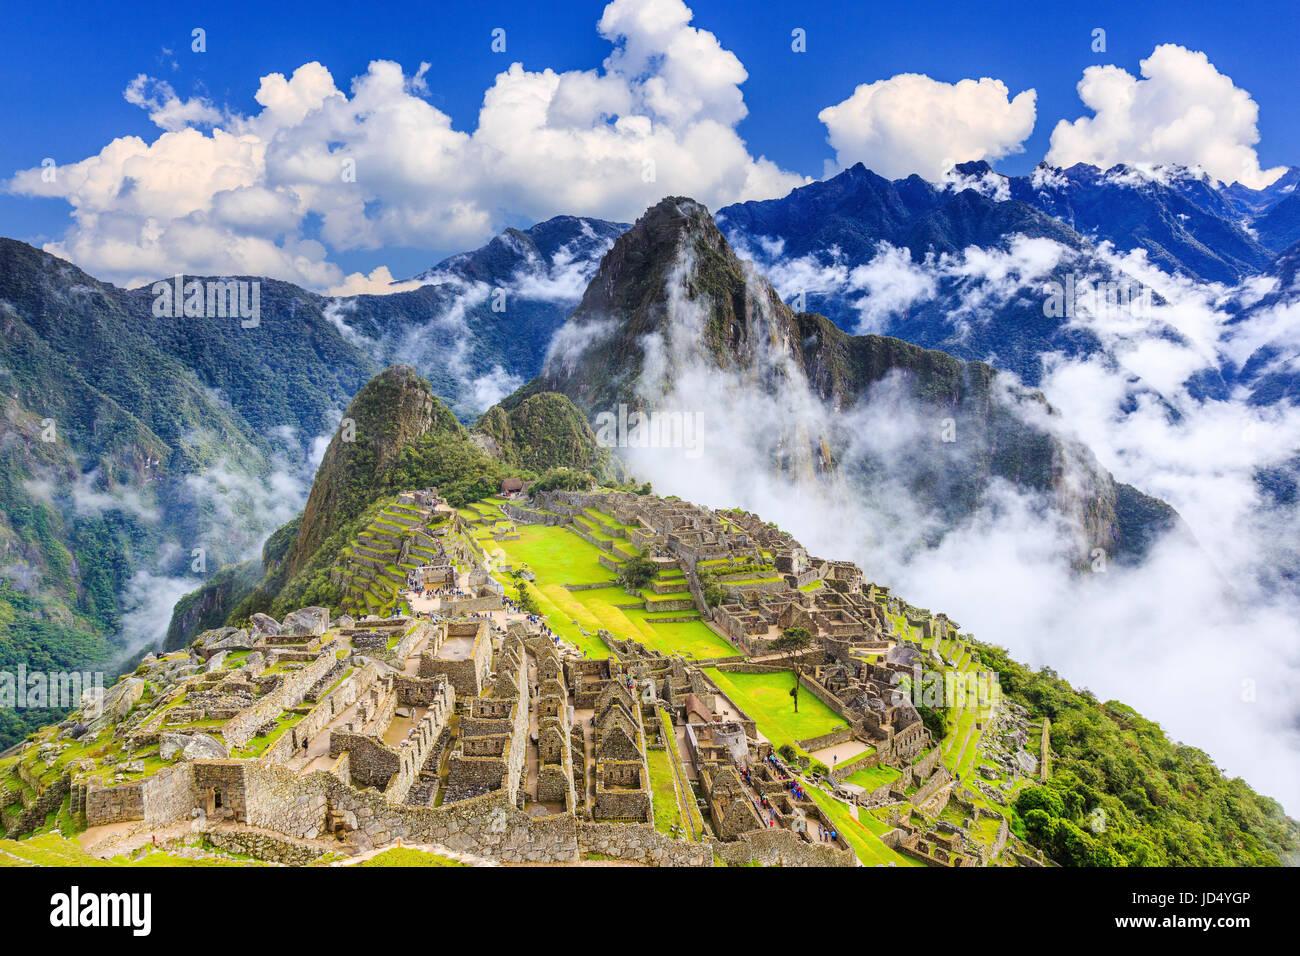 Machu Picchu, Peru. UNESCO-Weltkulturerbe. Eines der neuen sieben Weltwunder Stockbild